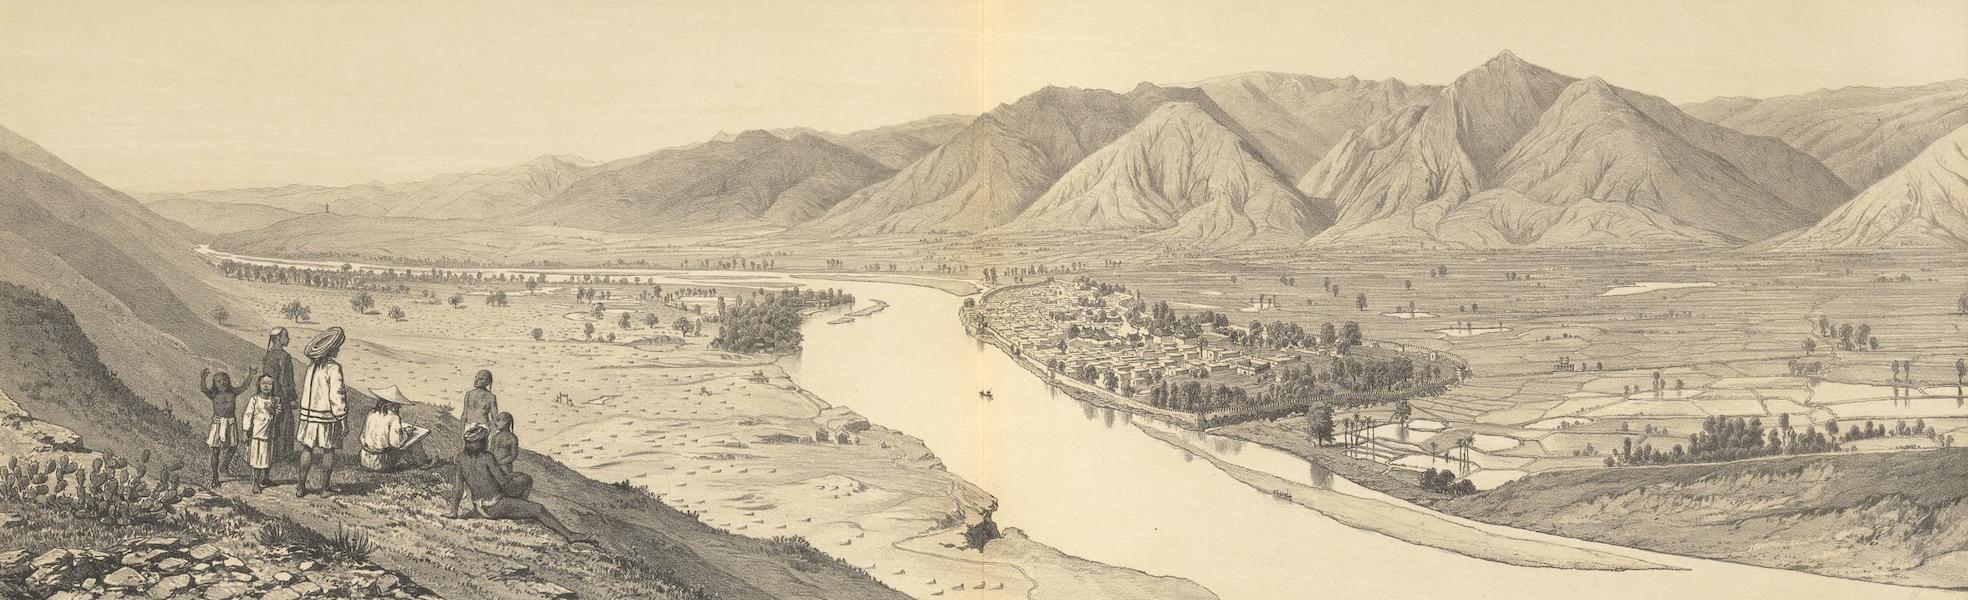 Voyage d'Exploration en Indo-Chine [Atlas-Vol. 1] - Le Fleuve du Tong-King et la Ville de Yuen-Kiang (1873)